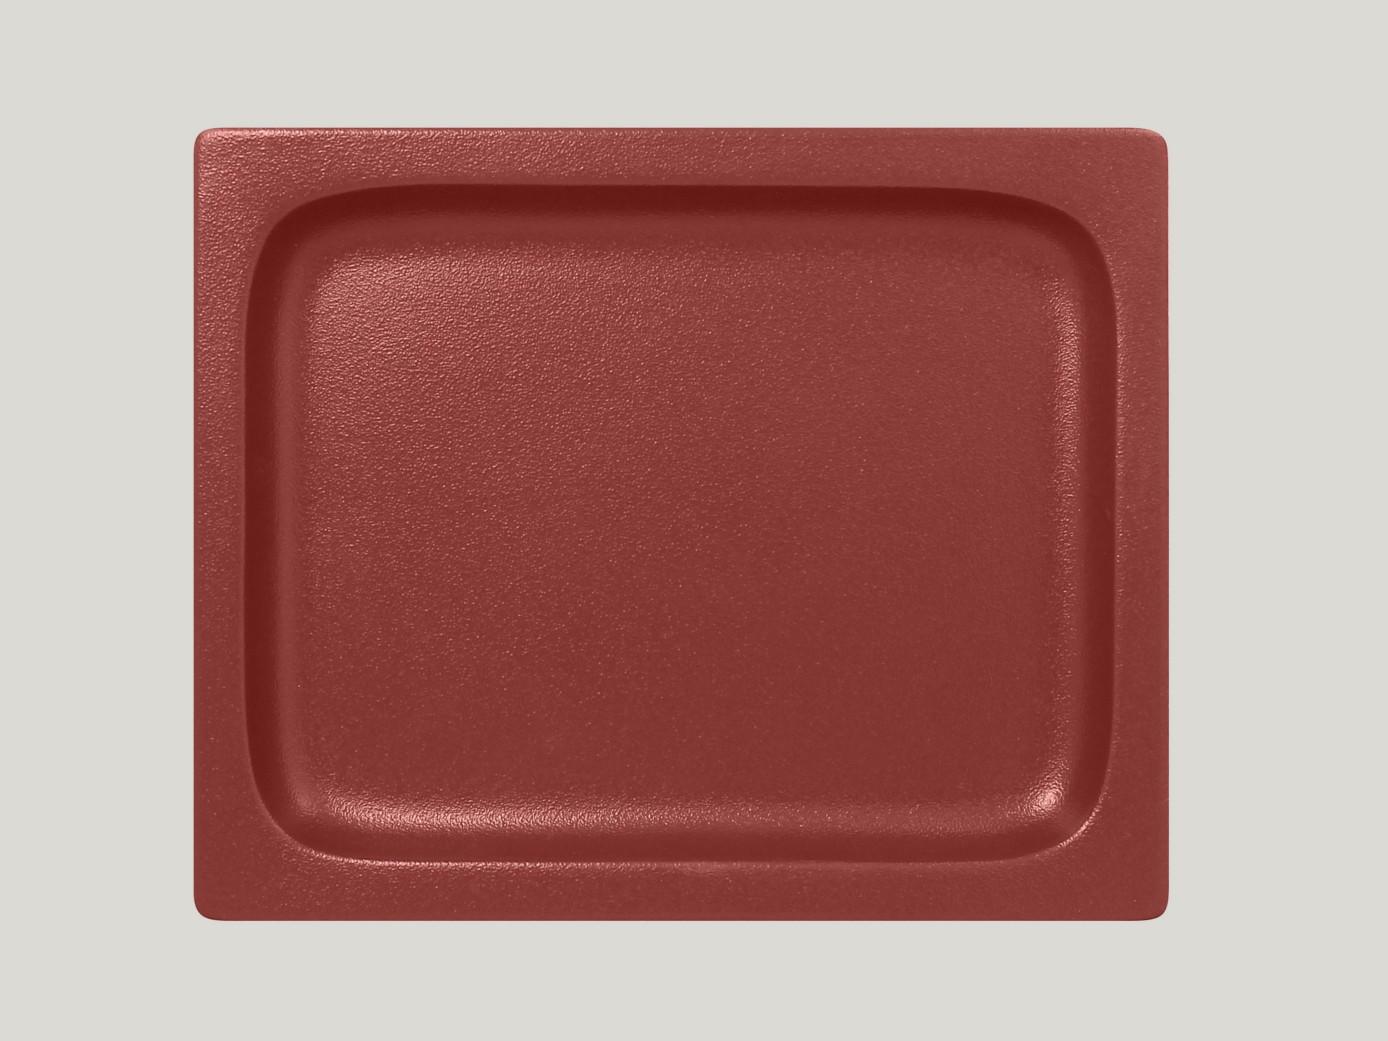 Neofusion gastronádoba GN 1/2 020 mm - tmavě červená